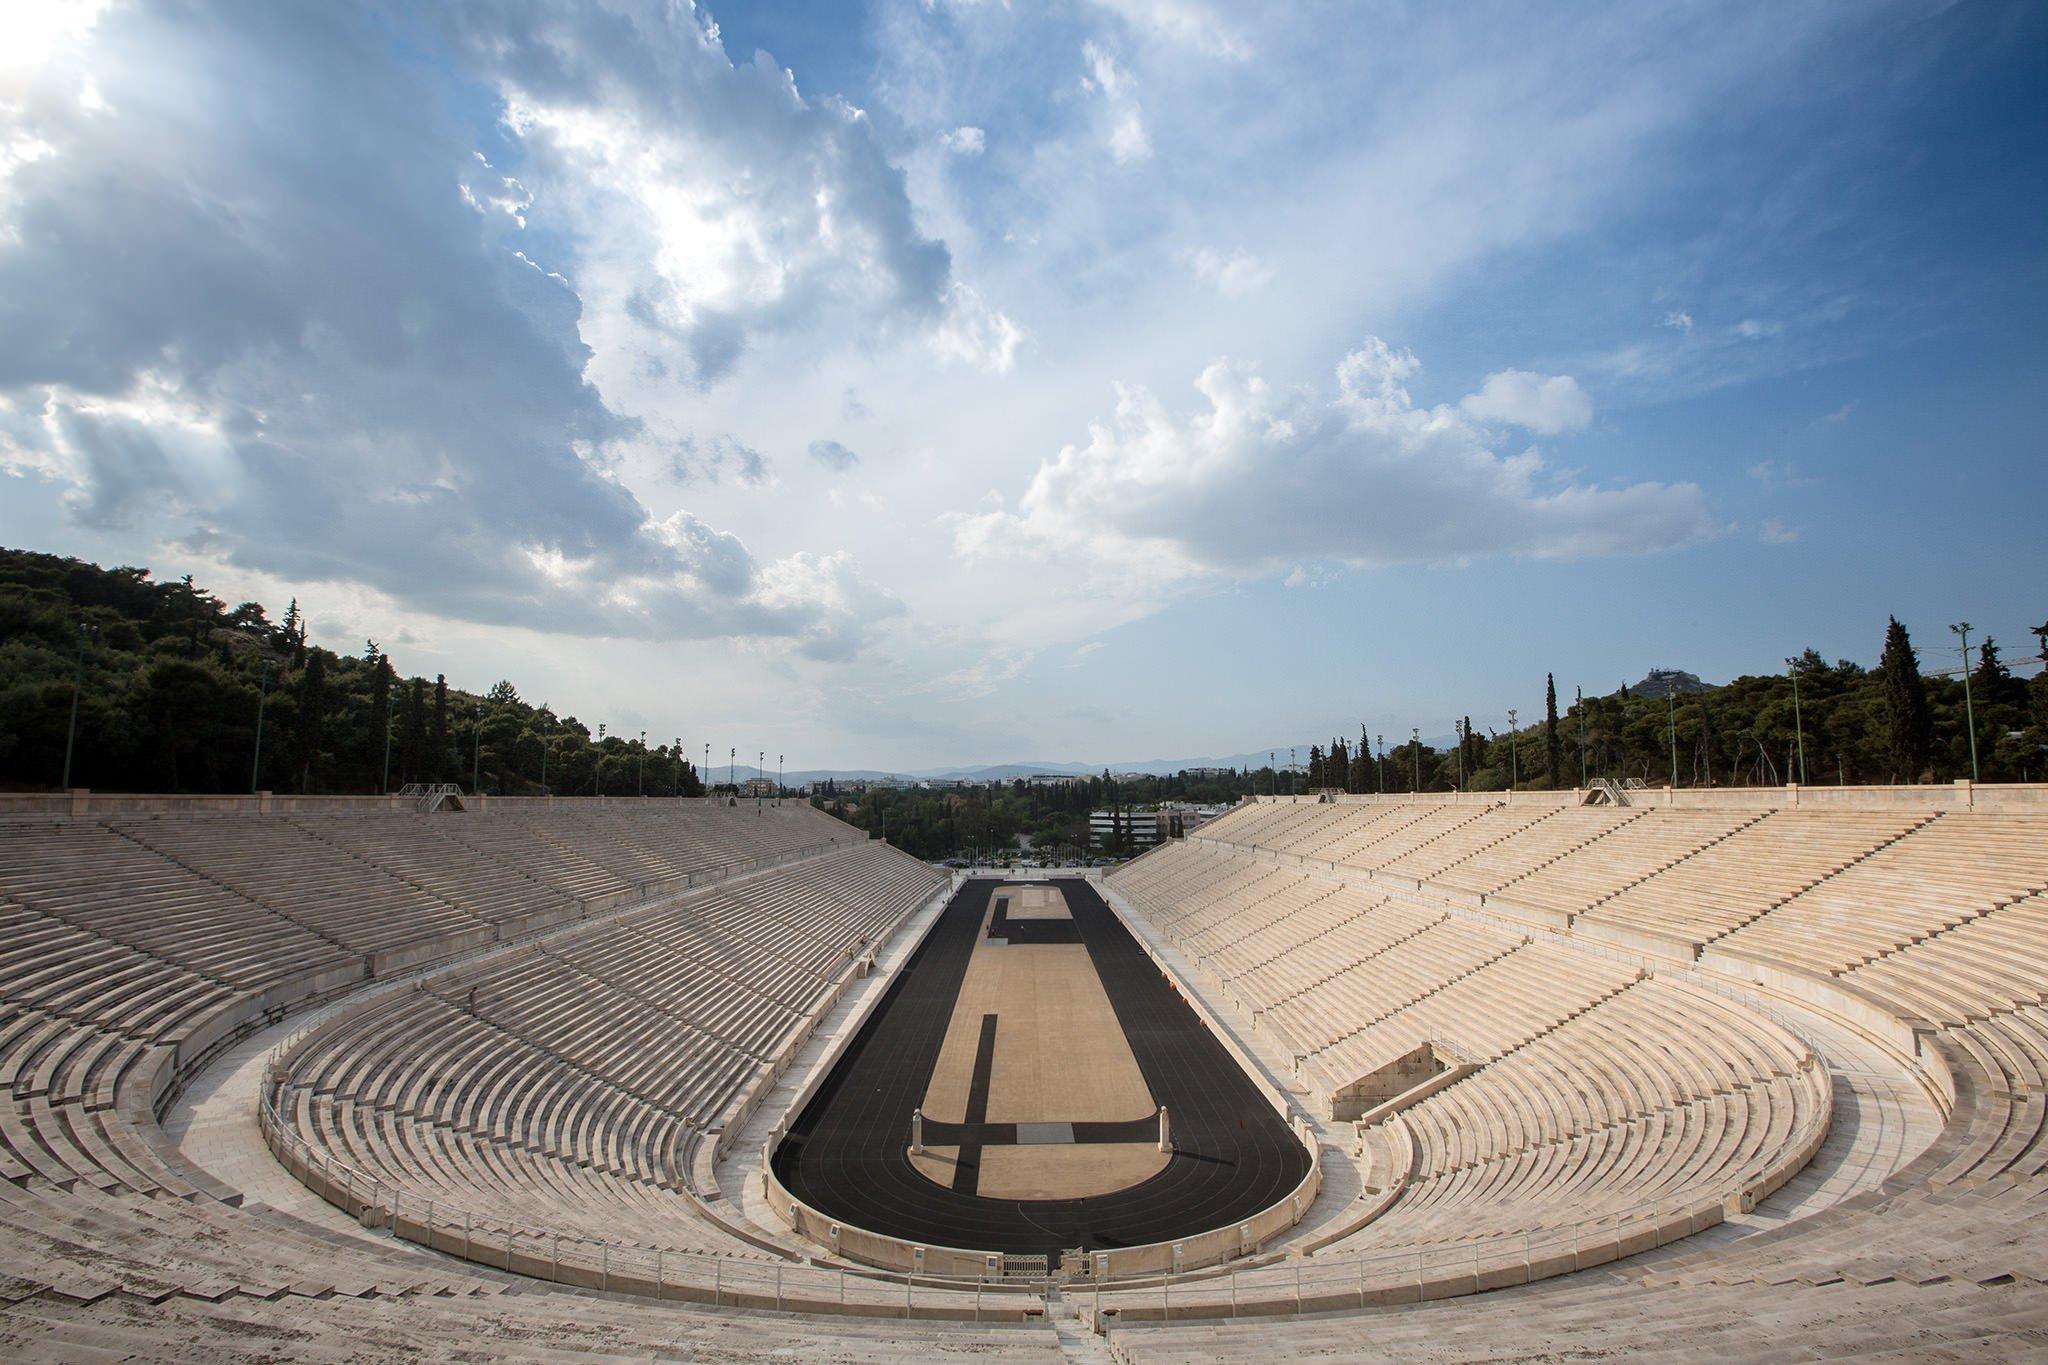 Morning Athens Photo Tour